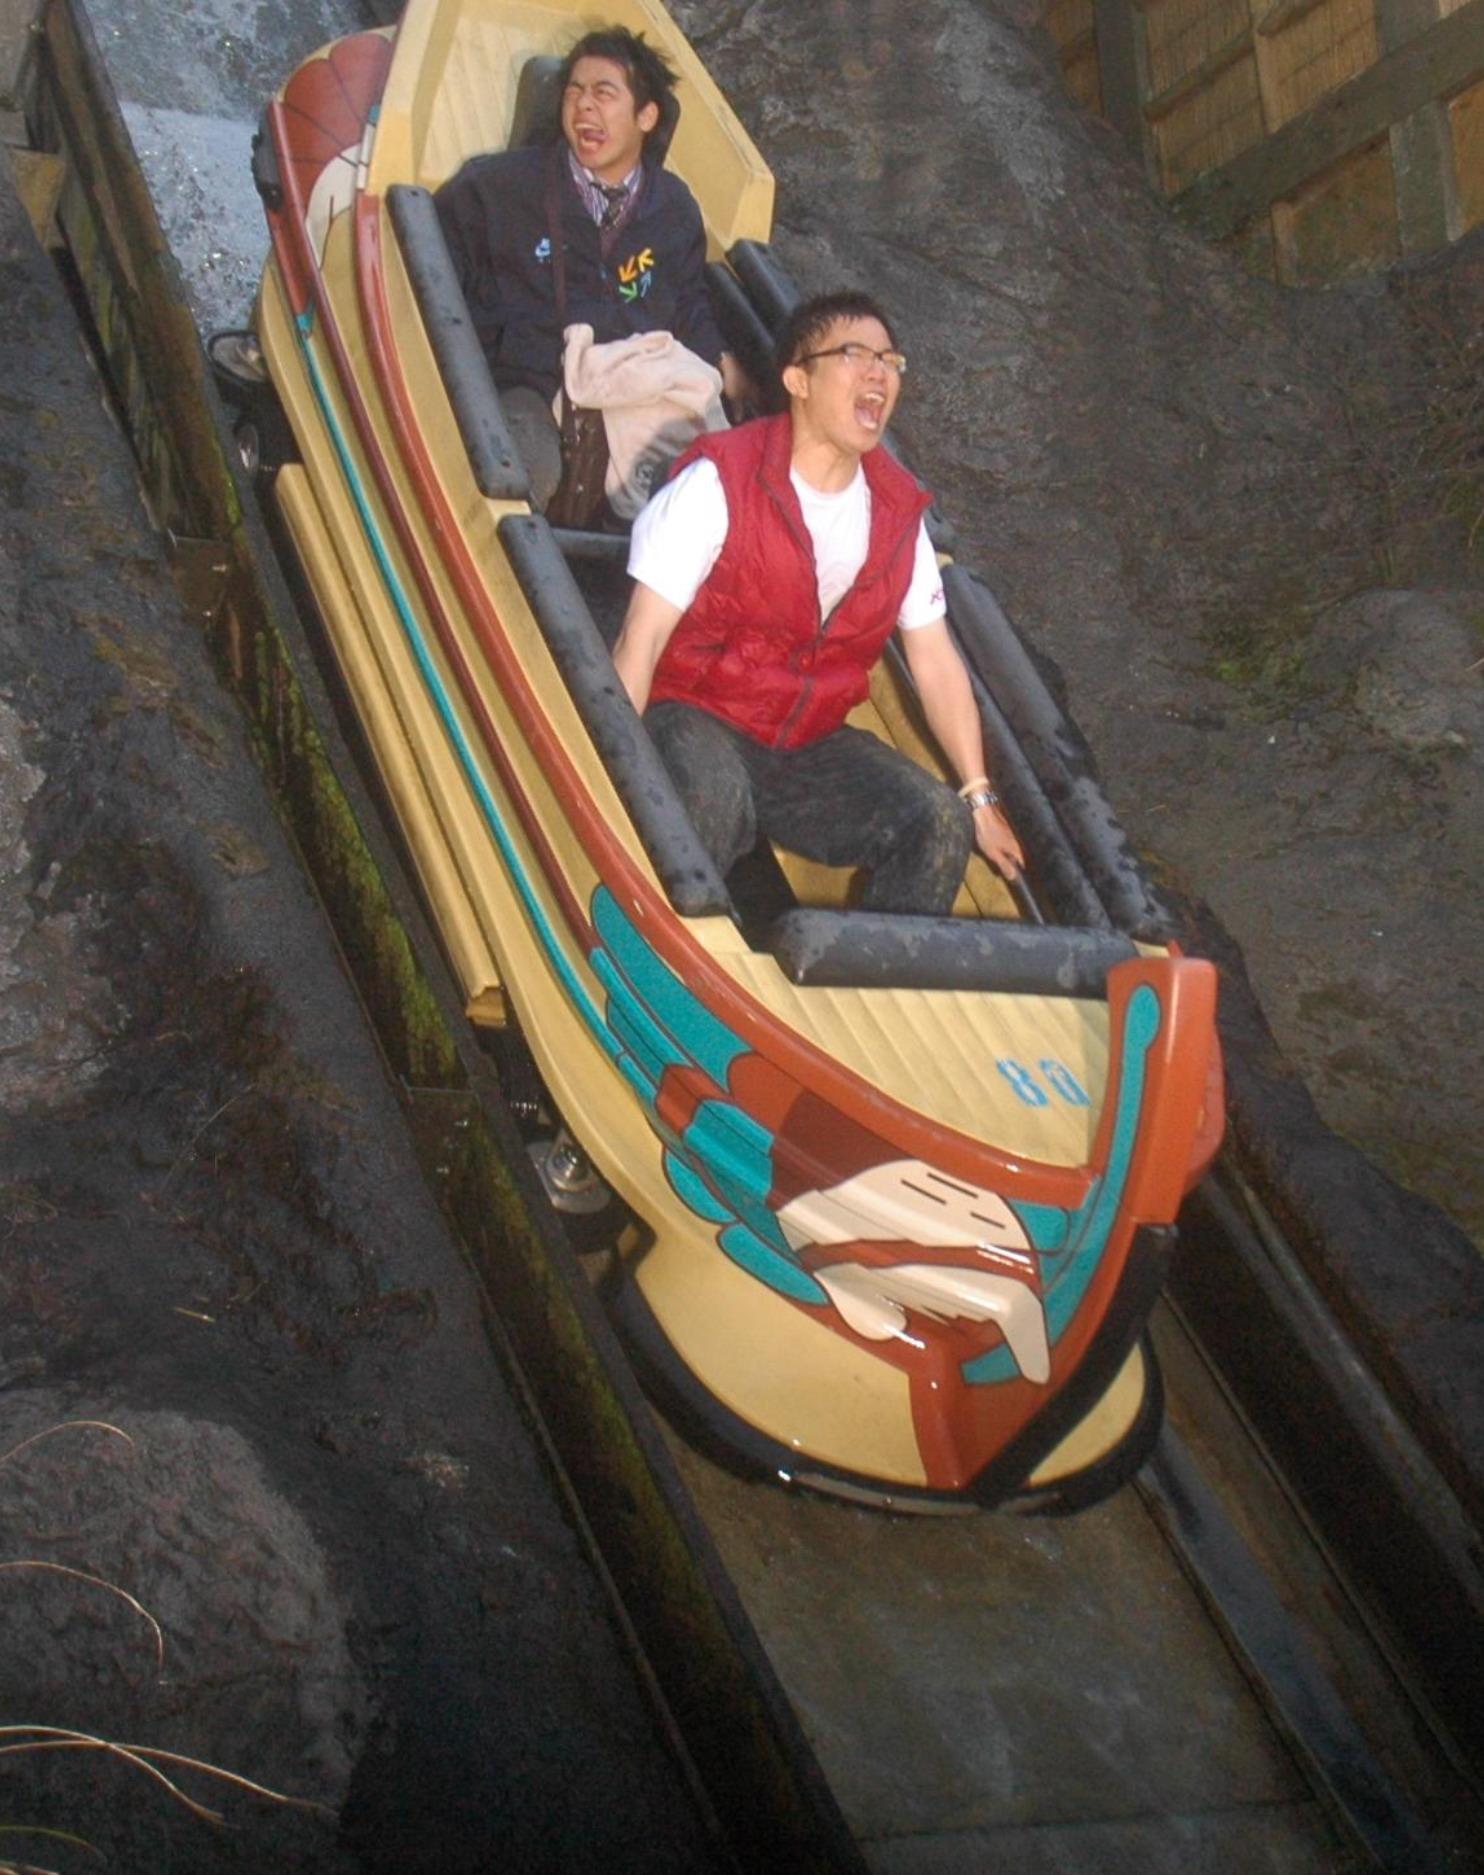 大家去遊樂園玩獨木舟~ 都會被拍下這種驚恐照片